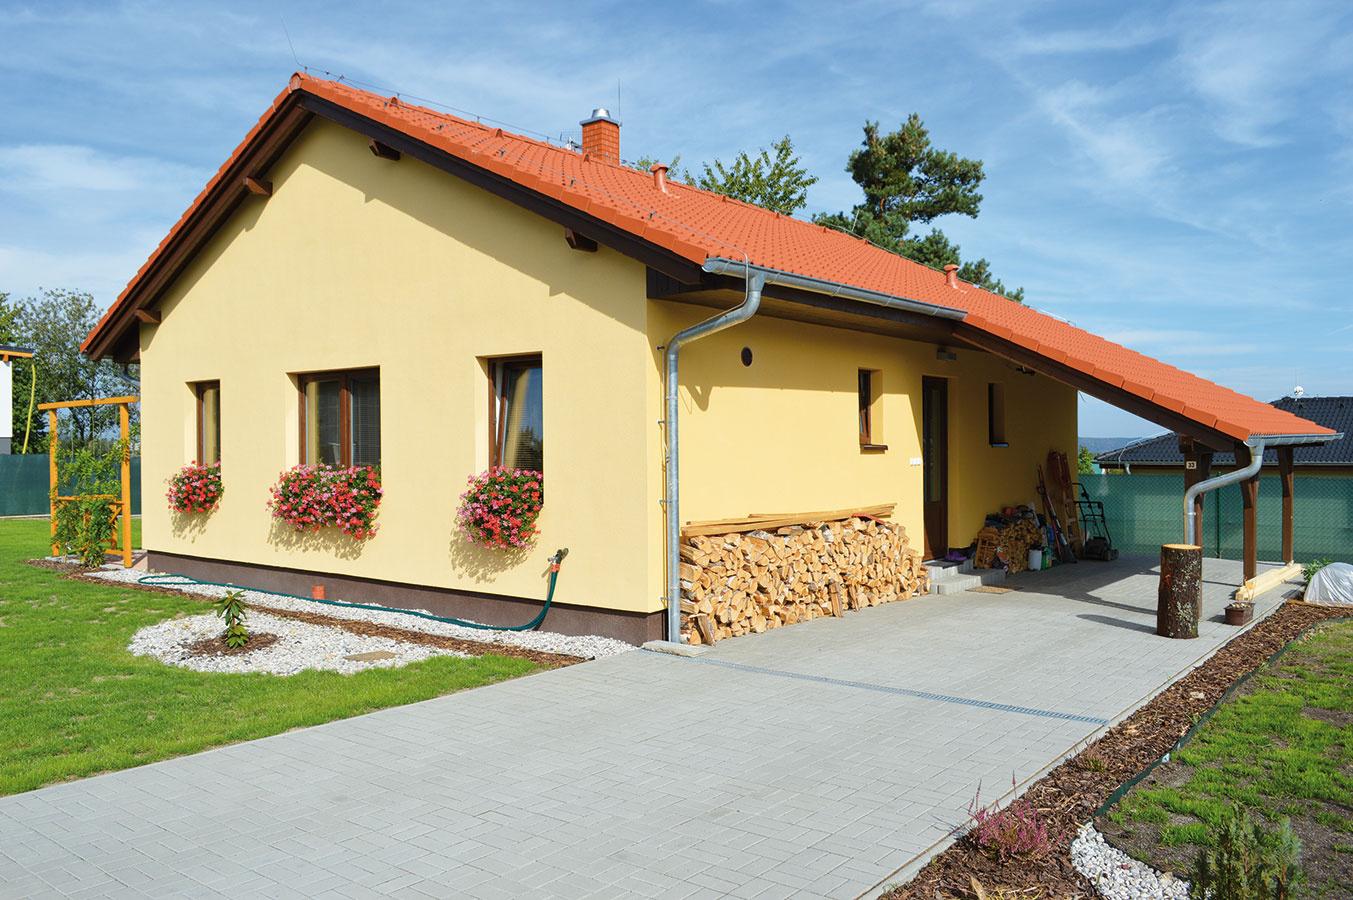 Kpraktickým prvkom prízemného domčeka patrí presah šikmej strechy, ktorý chráni priestor pred vchodom aj časť vydláždeného priedomia pred nepriazňou počasia.